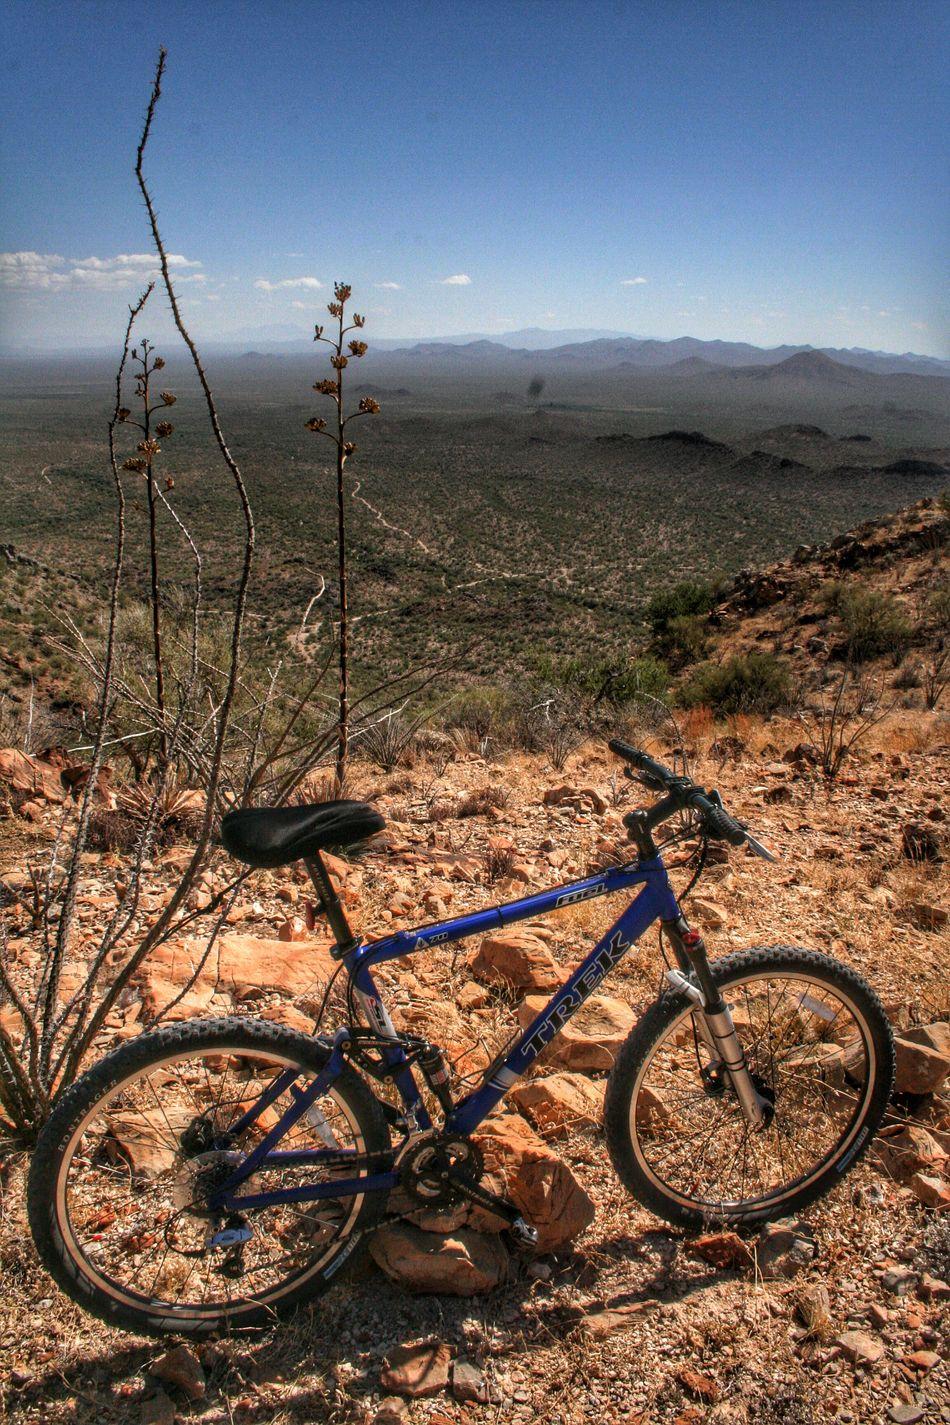 Mountain Biking Mountainbiking Waterman Peak, AZ Landscape Arizona Desert MTB Fouquieria Splendens